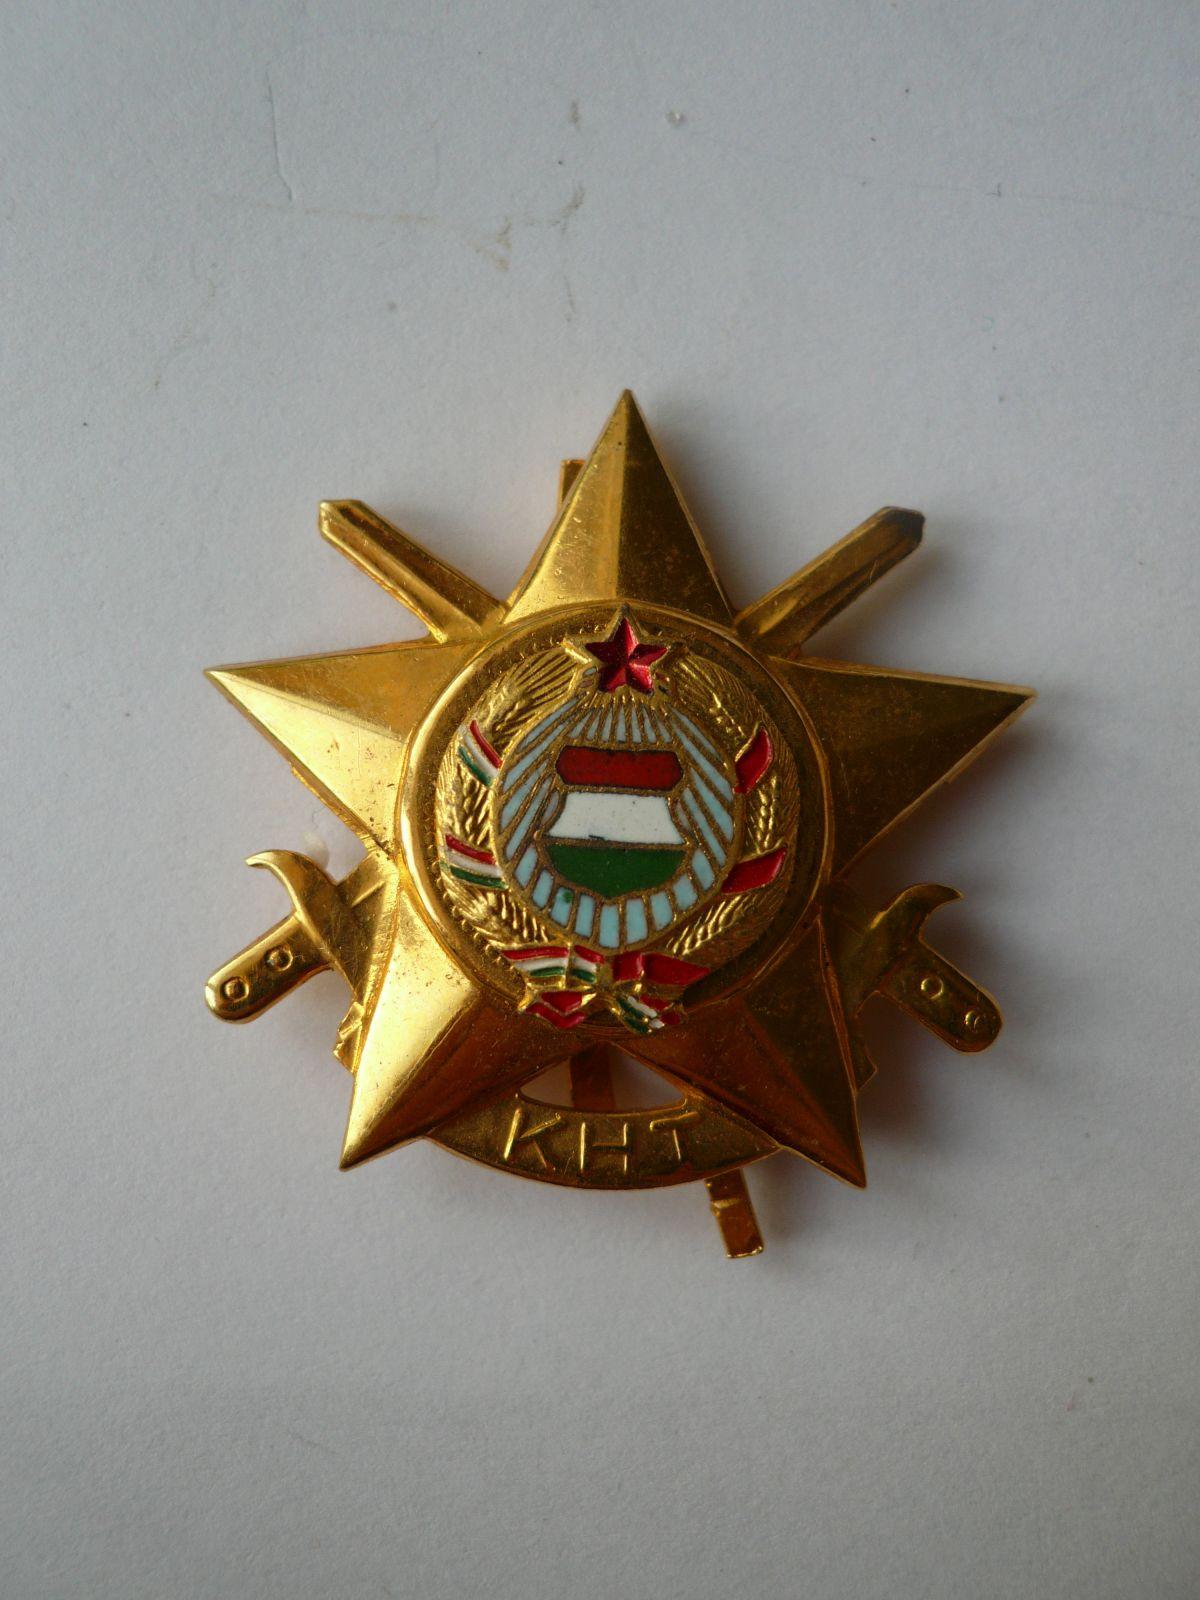 Záslužná hvězda, Maďarsko